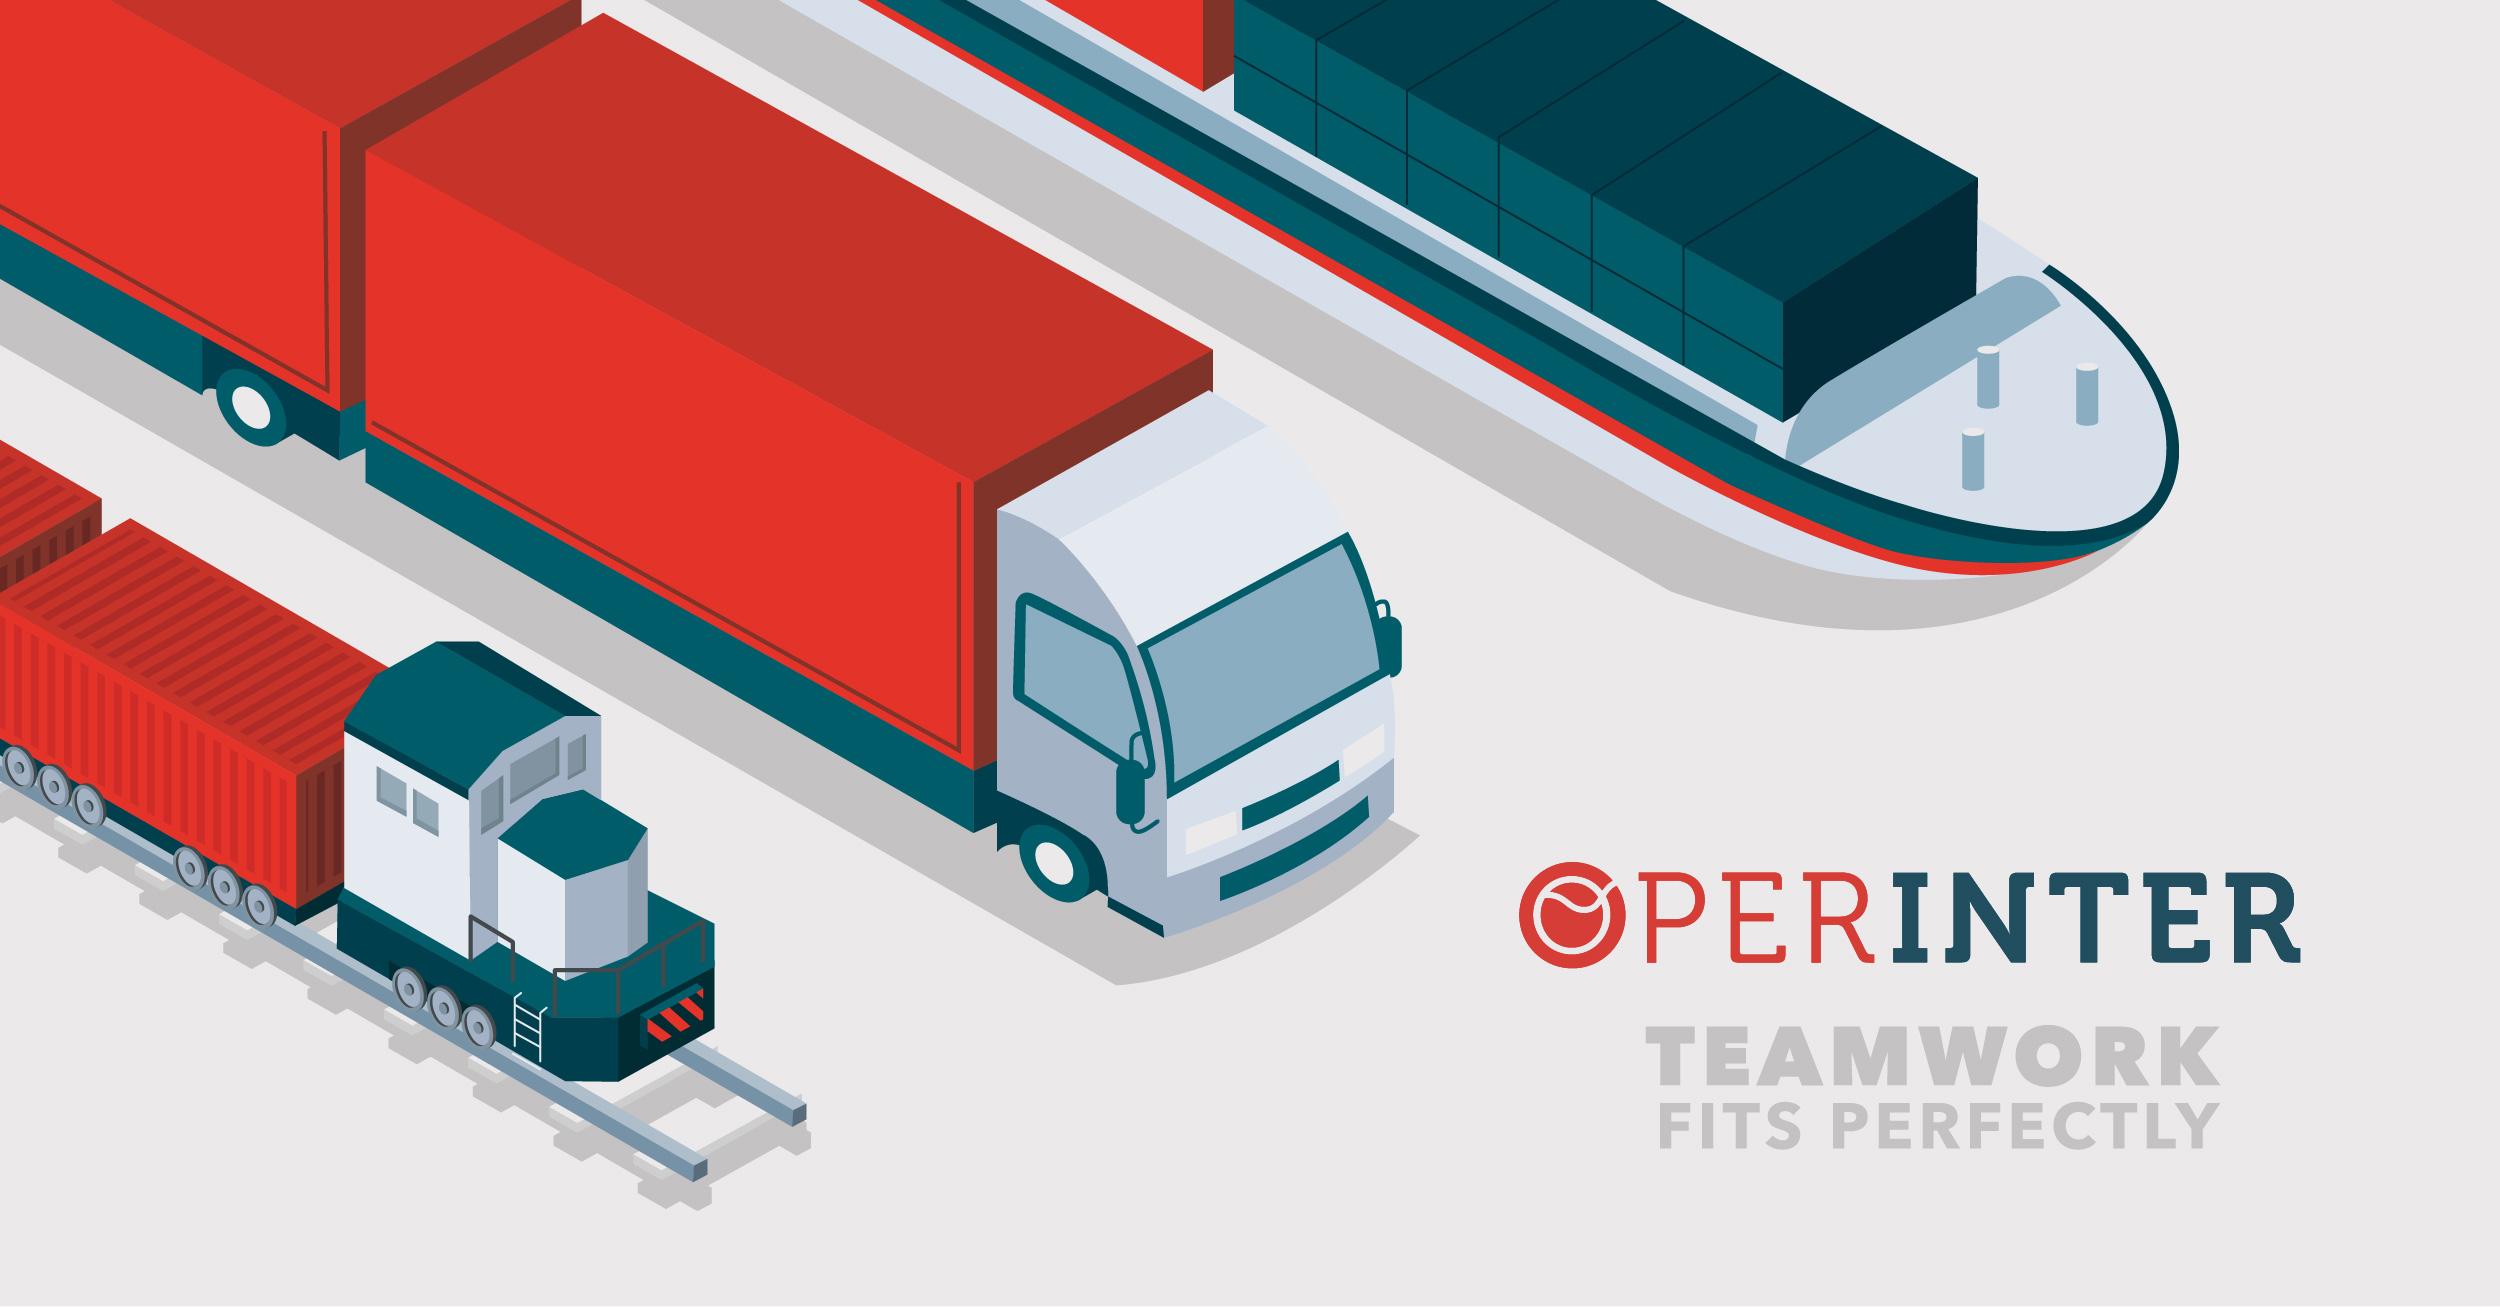 La intermodalidad, clave para el transporte de mercancías del futuro.